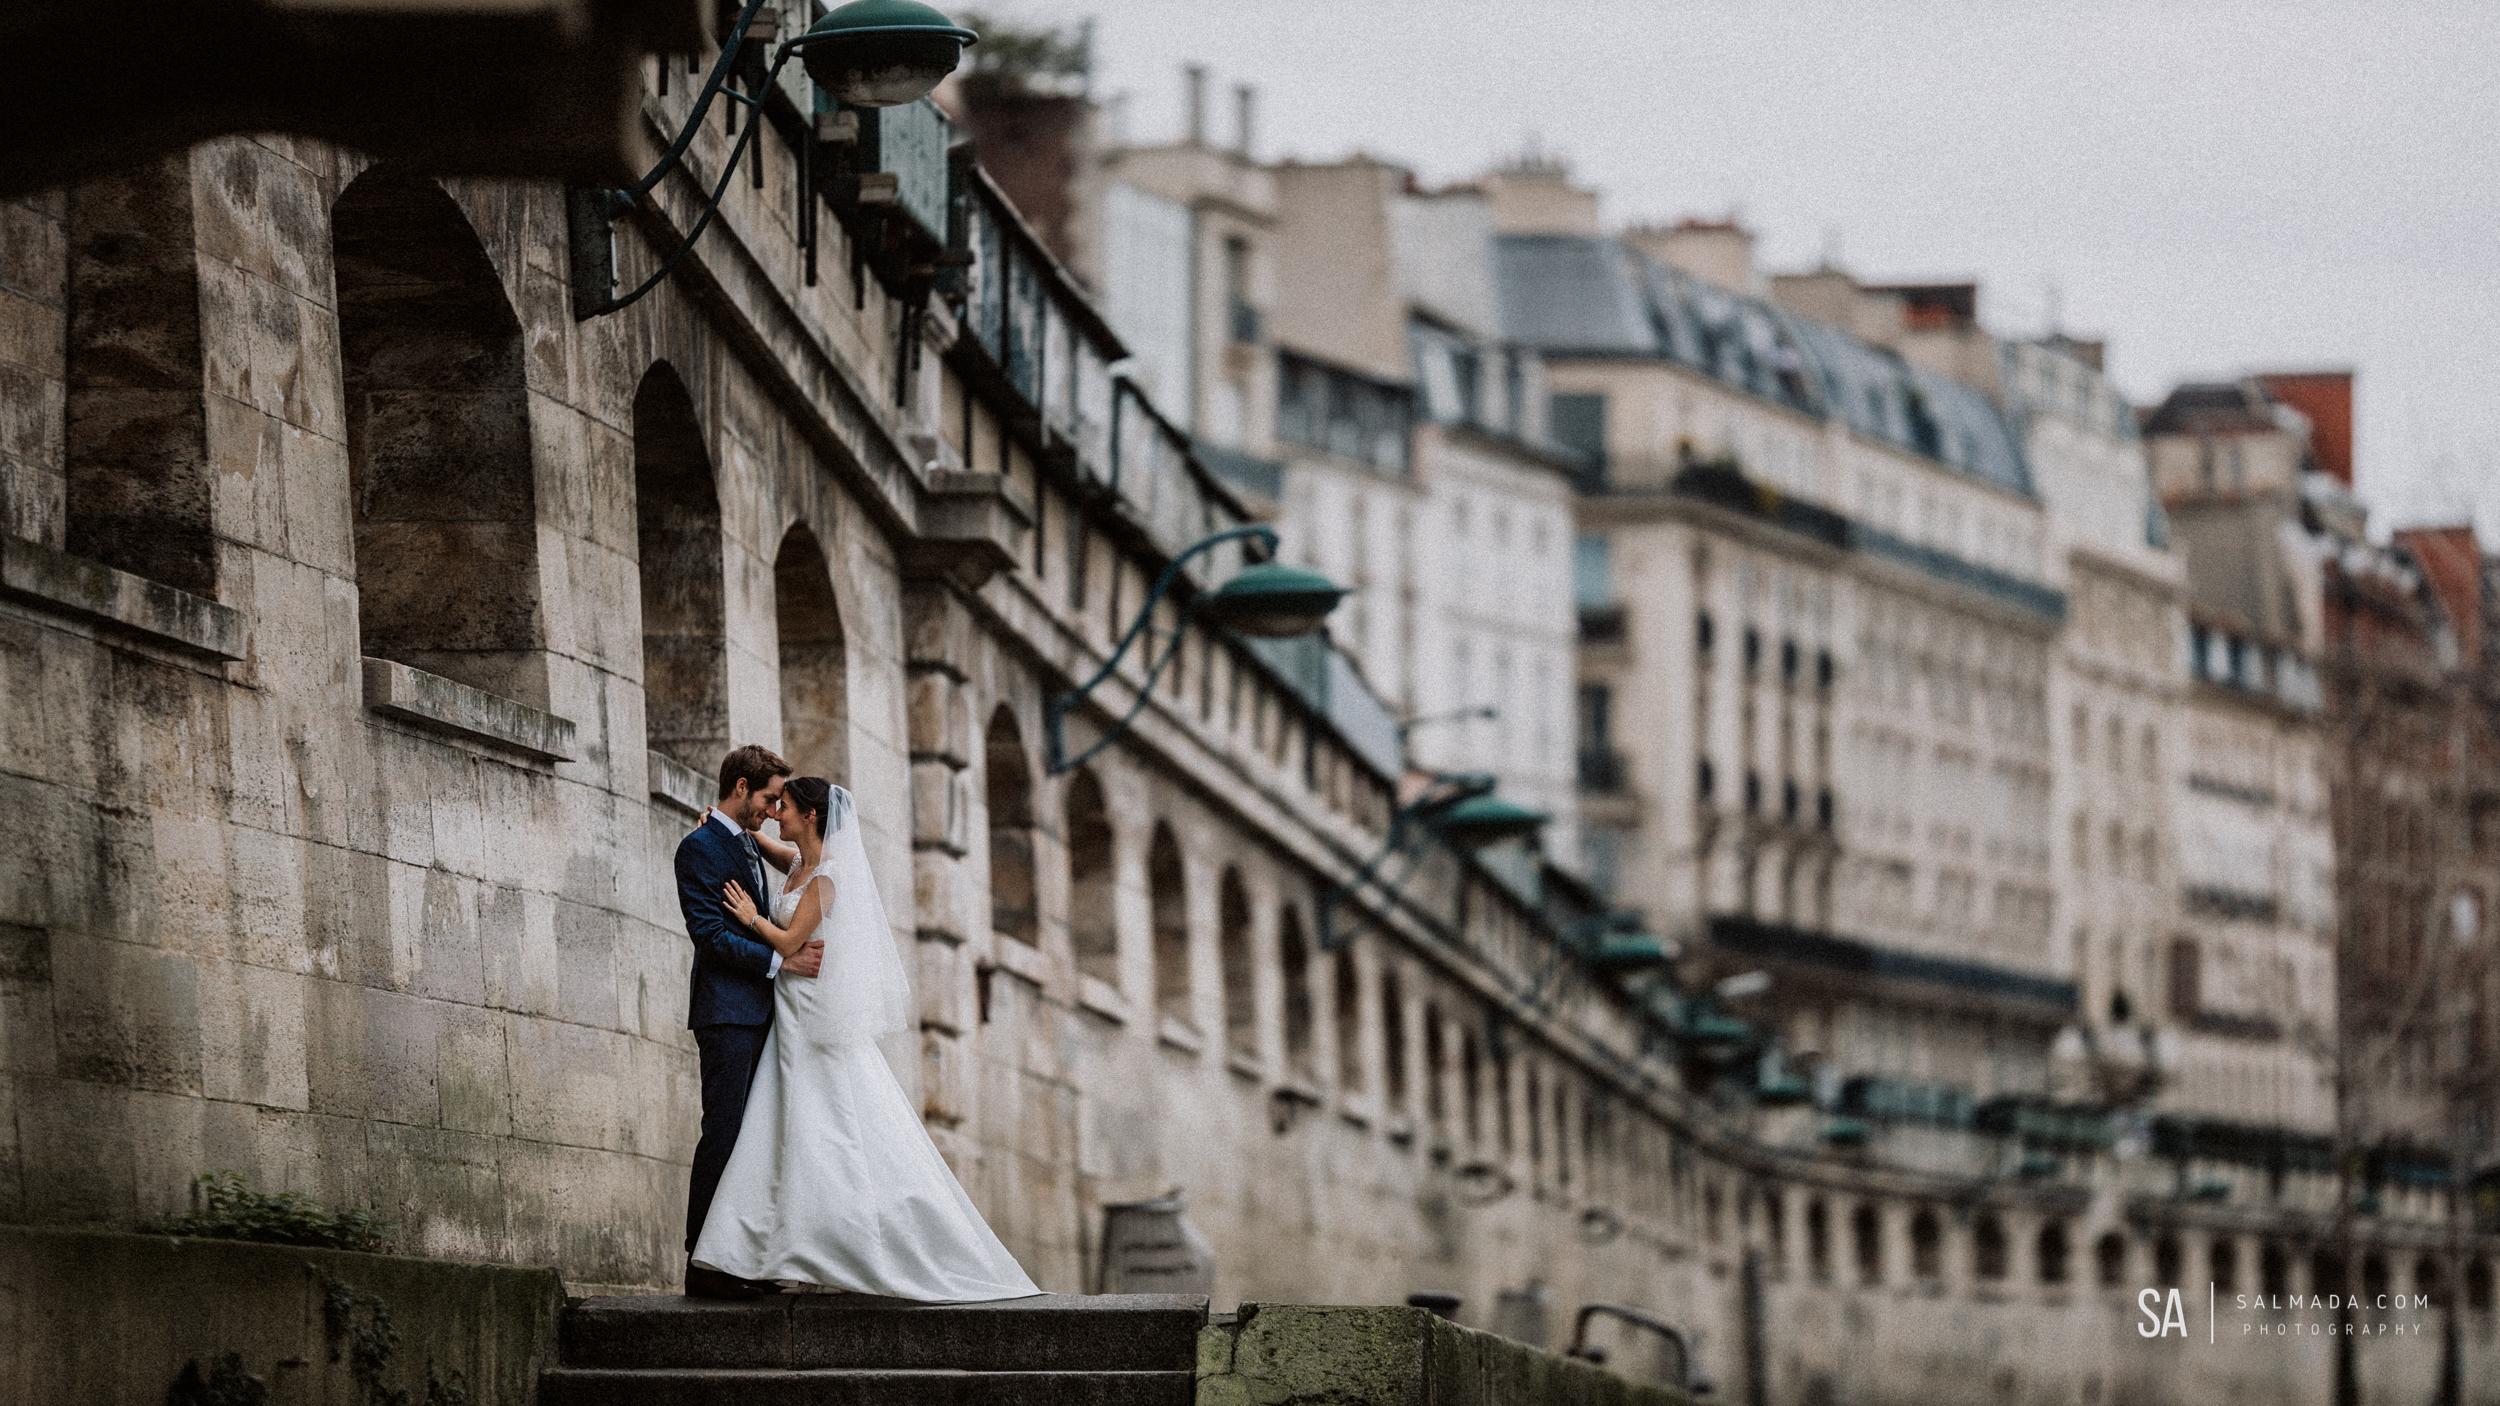 Paris France Photoshoot.jpg